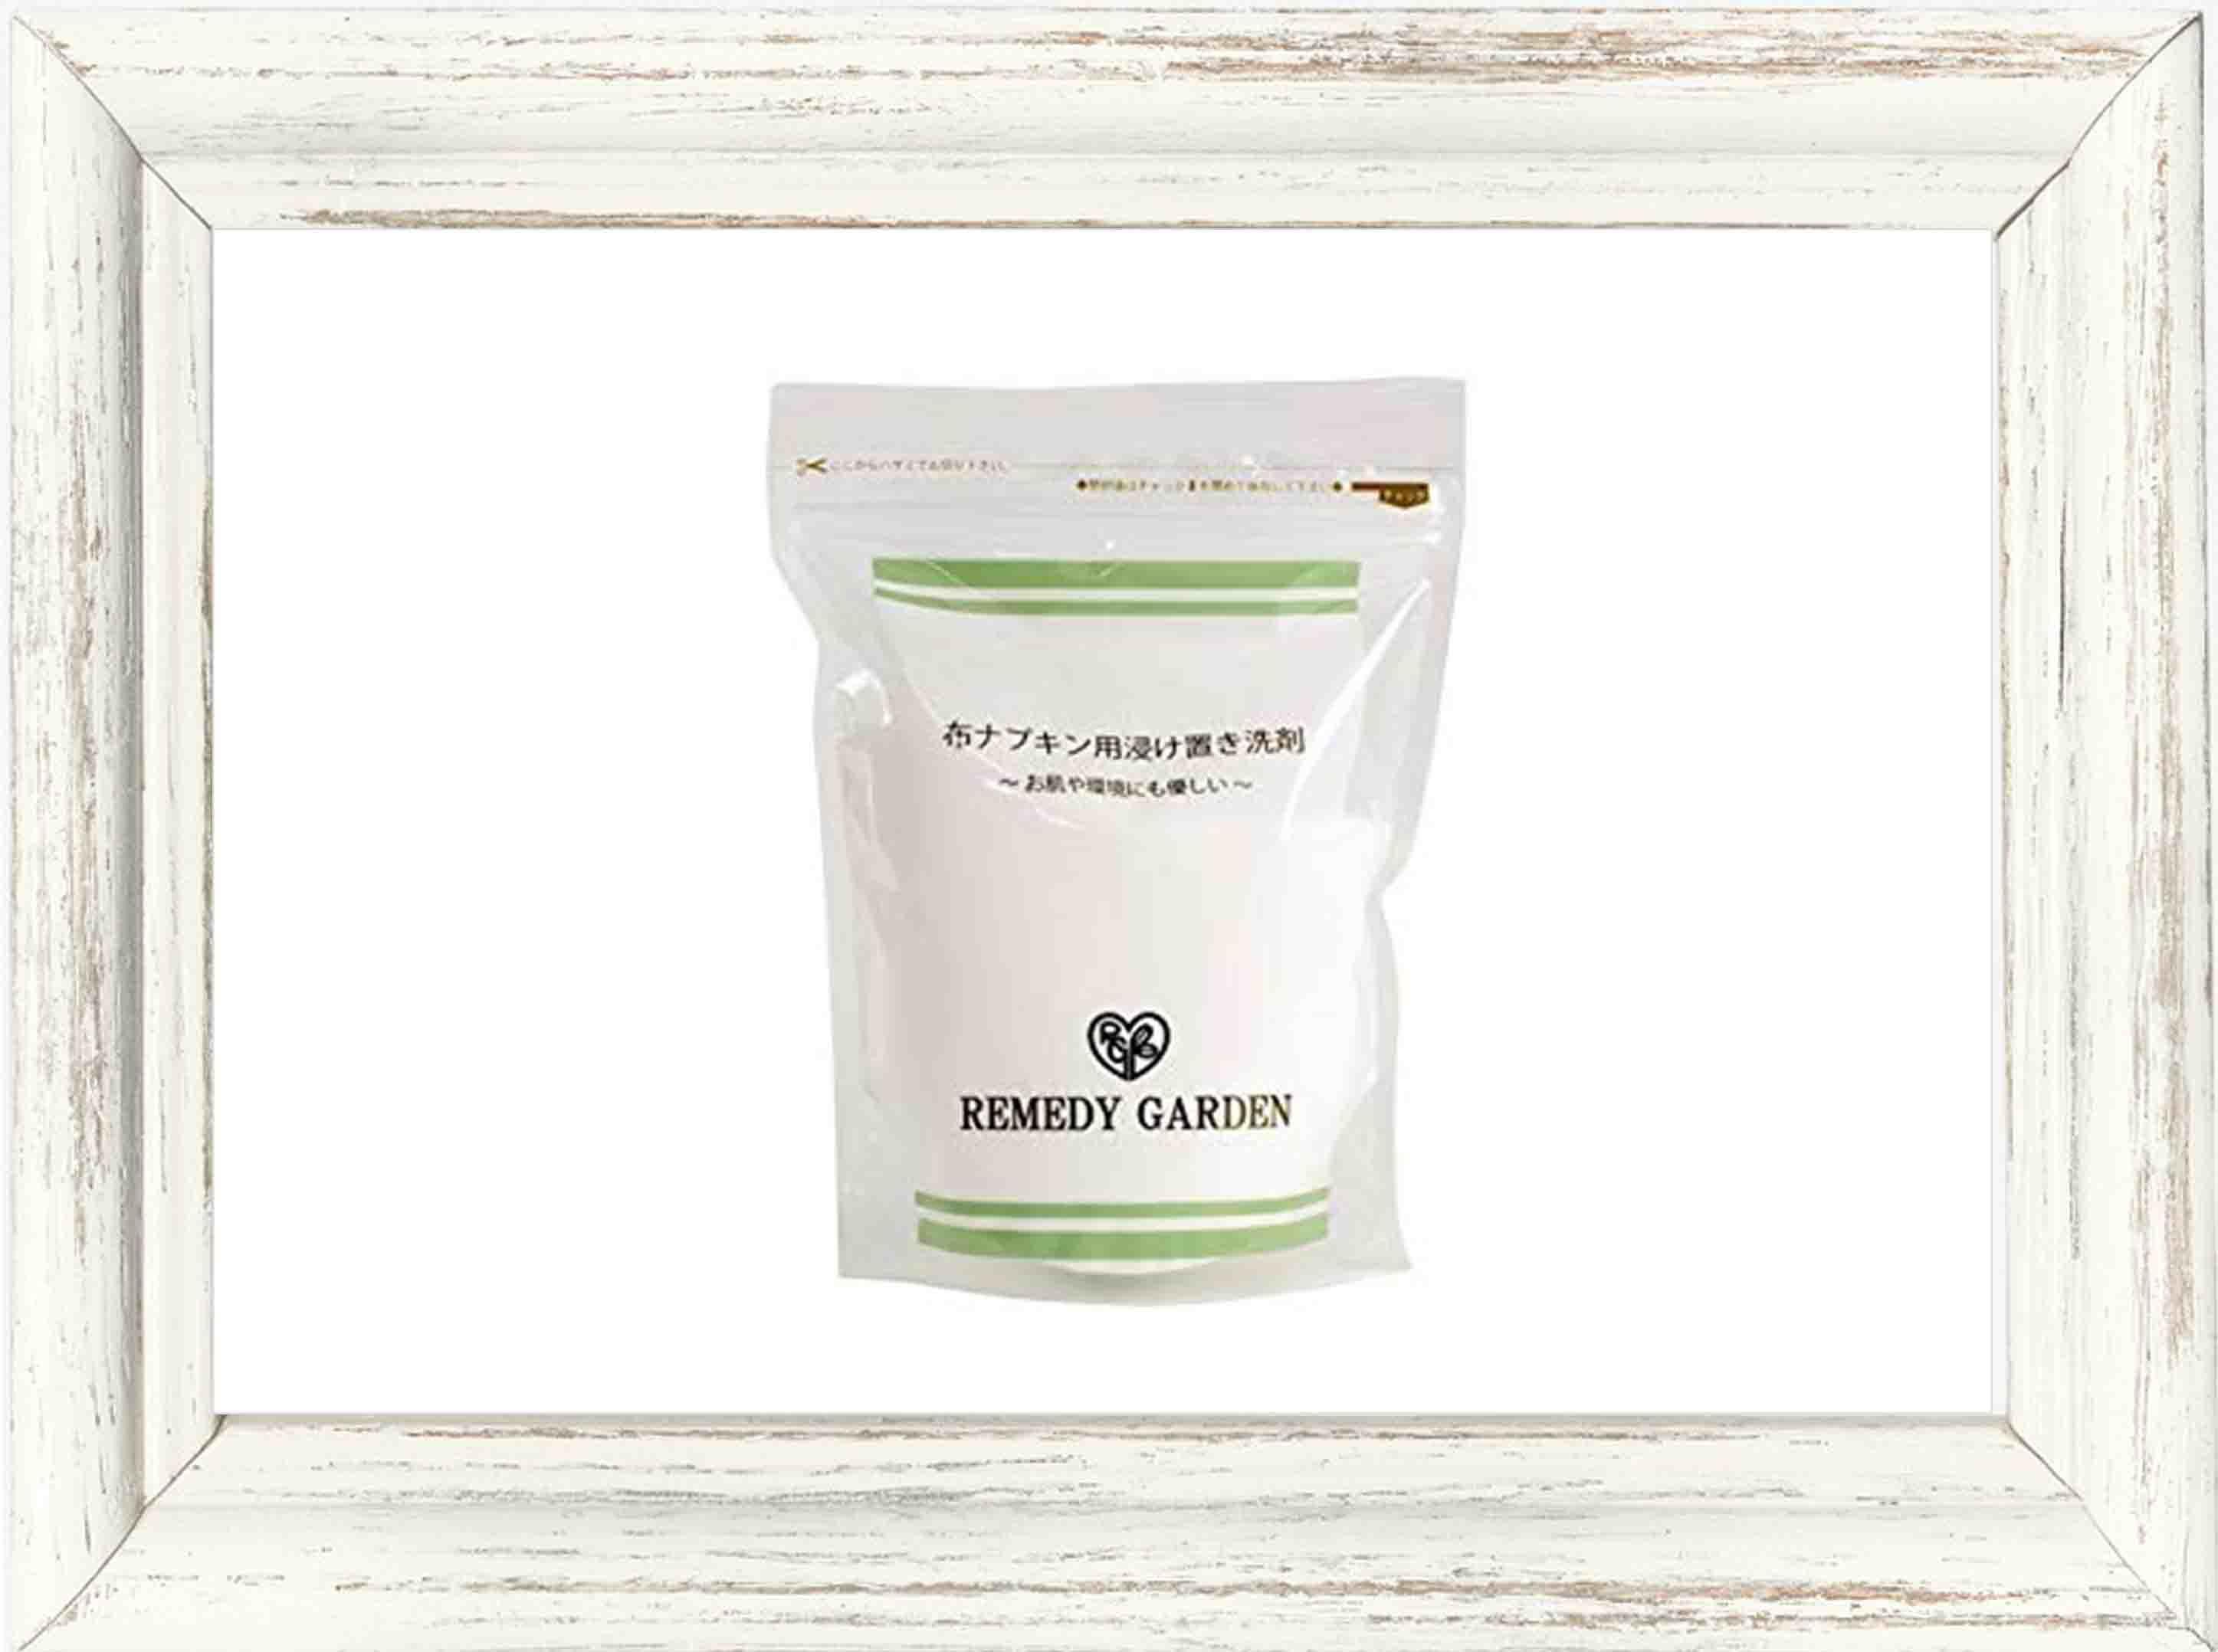 布ナプキン洗剤▶︎布ナプキン用浸け置き洗剤 500g